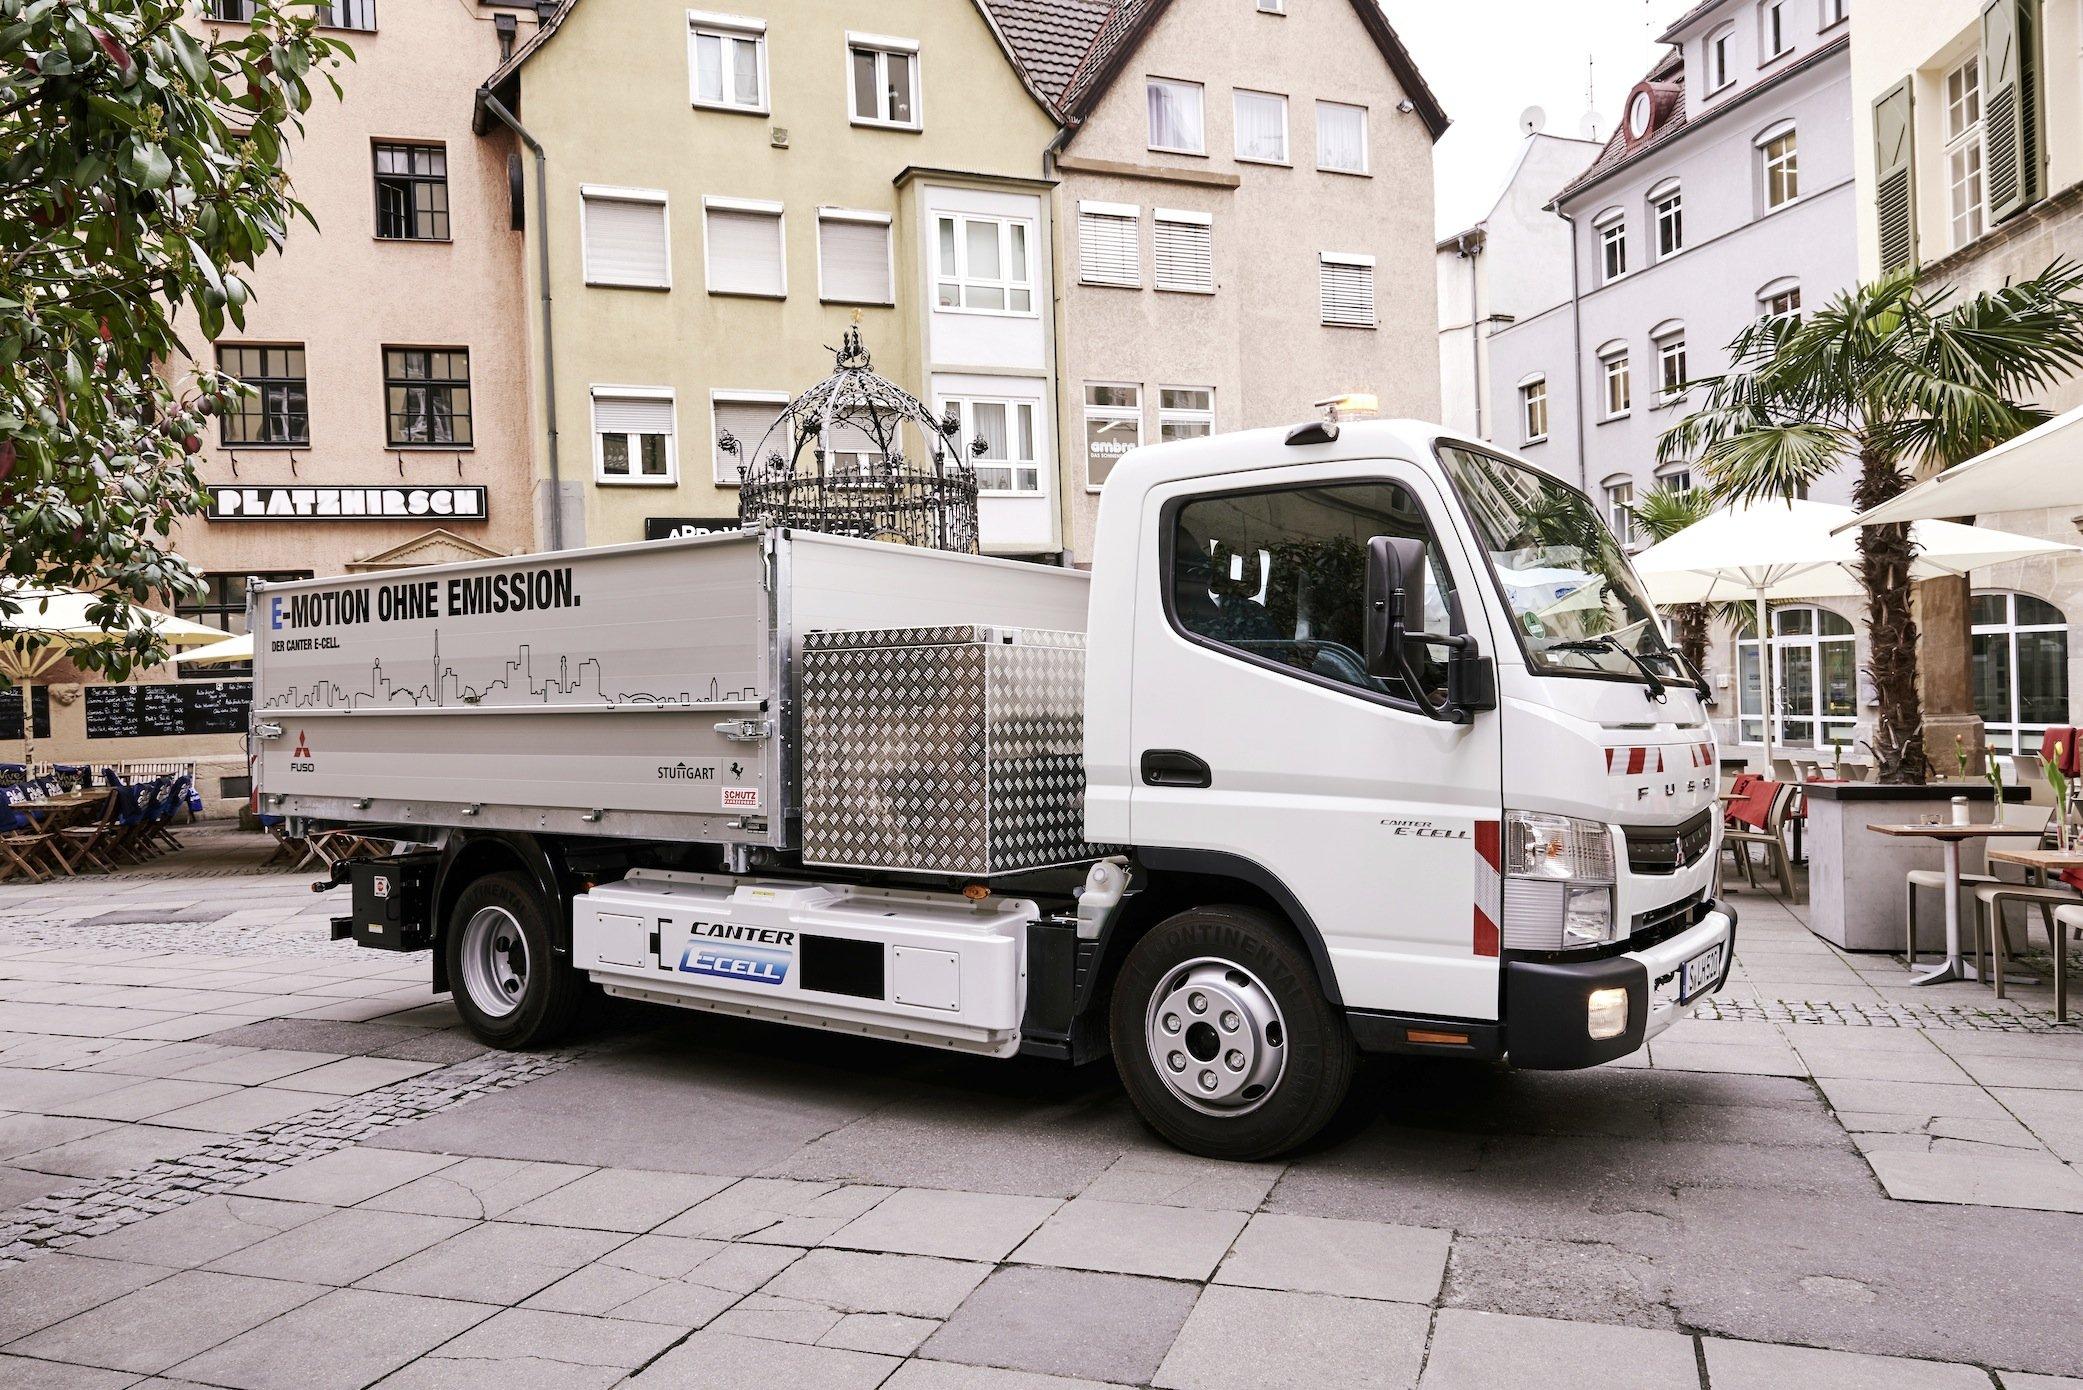 Da die Lkw kaum hörbar fahren, können die Fahrer in der Stadt ein Summgeräusch einschalten, das Fußgänger und Radfahrer warnt.